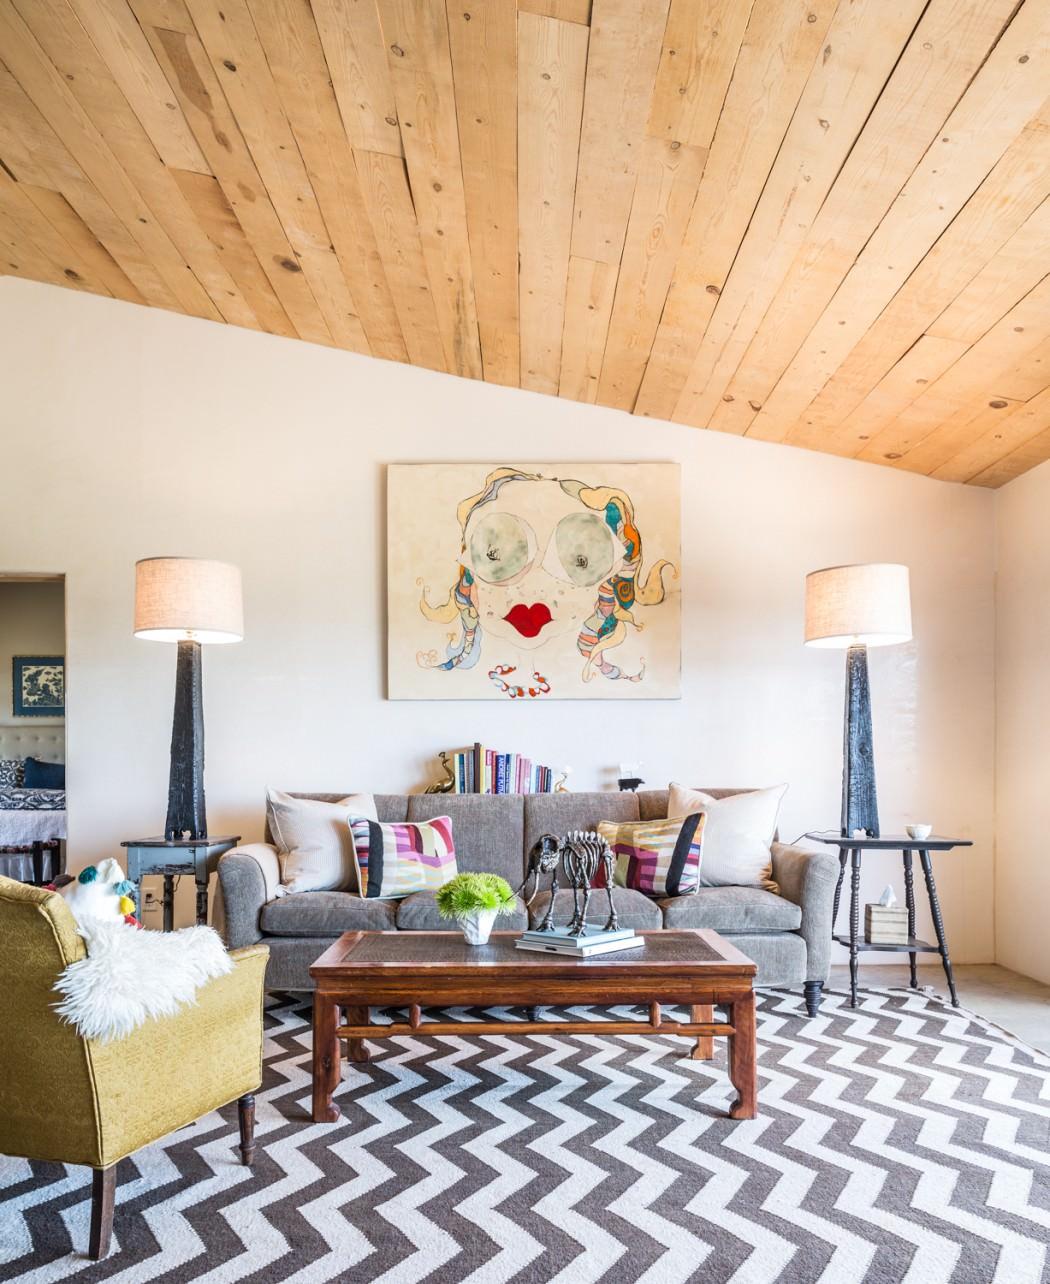 Wohnzimmer Mit Dachschräge Tipps – Wohnzimmermöbel Ideen